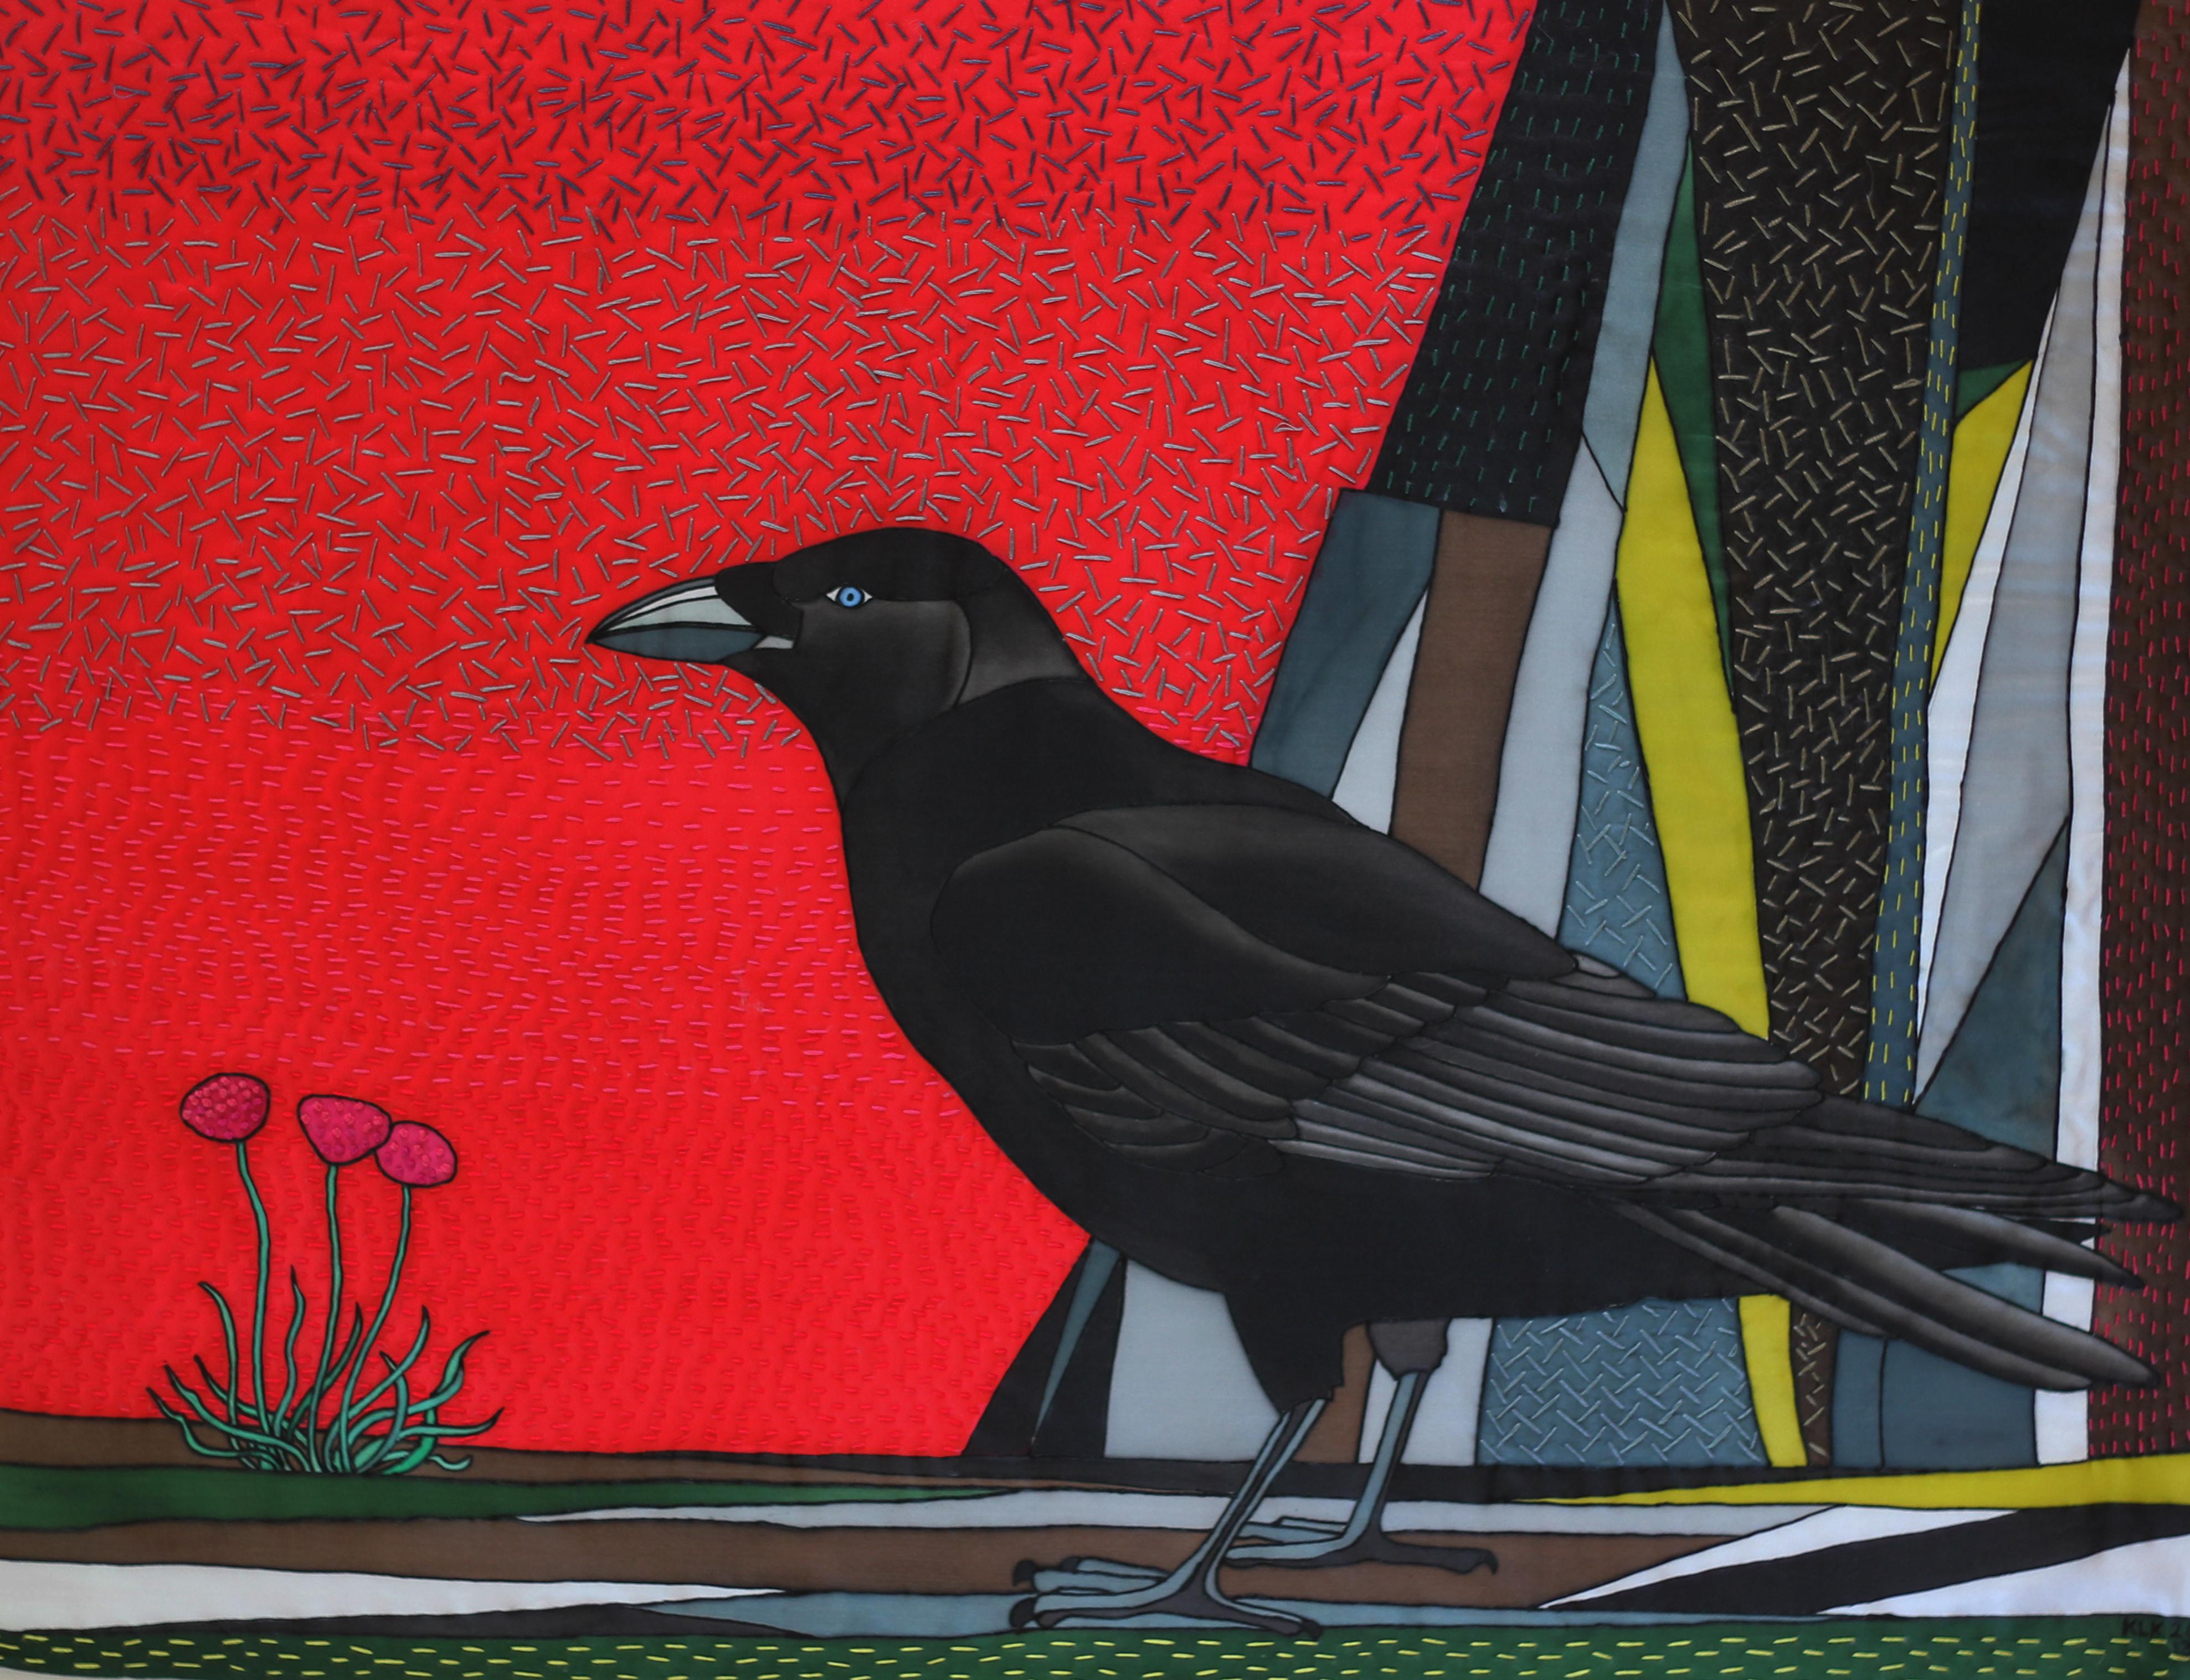 Raven on Cliff